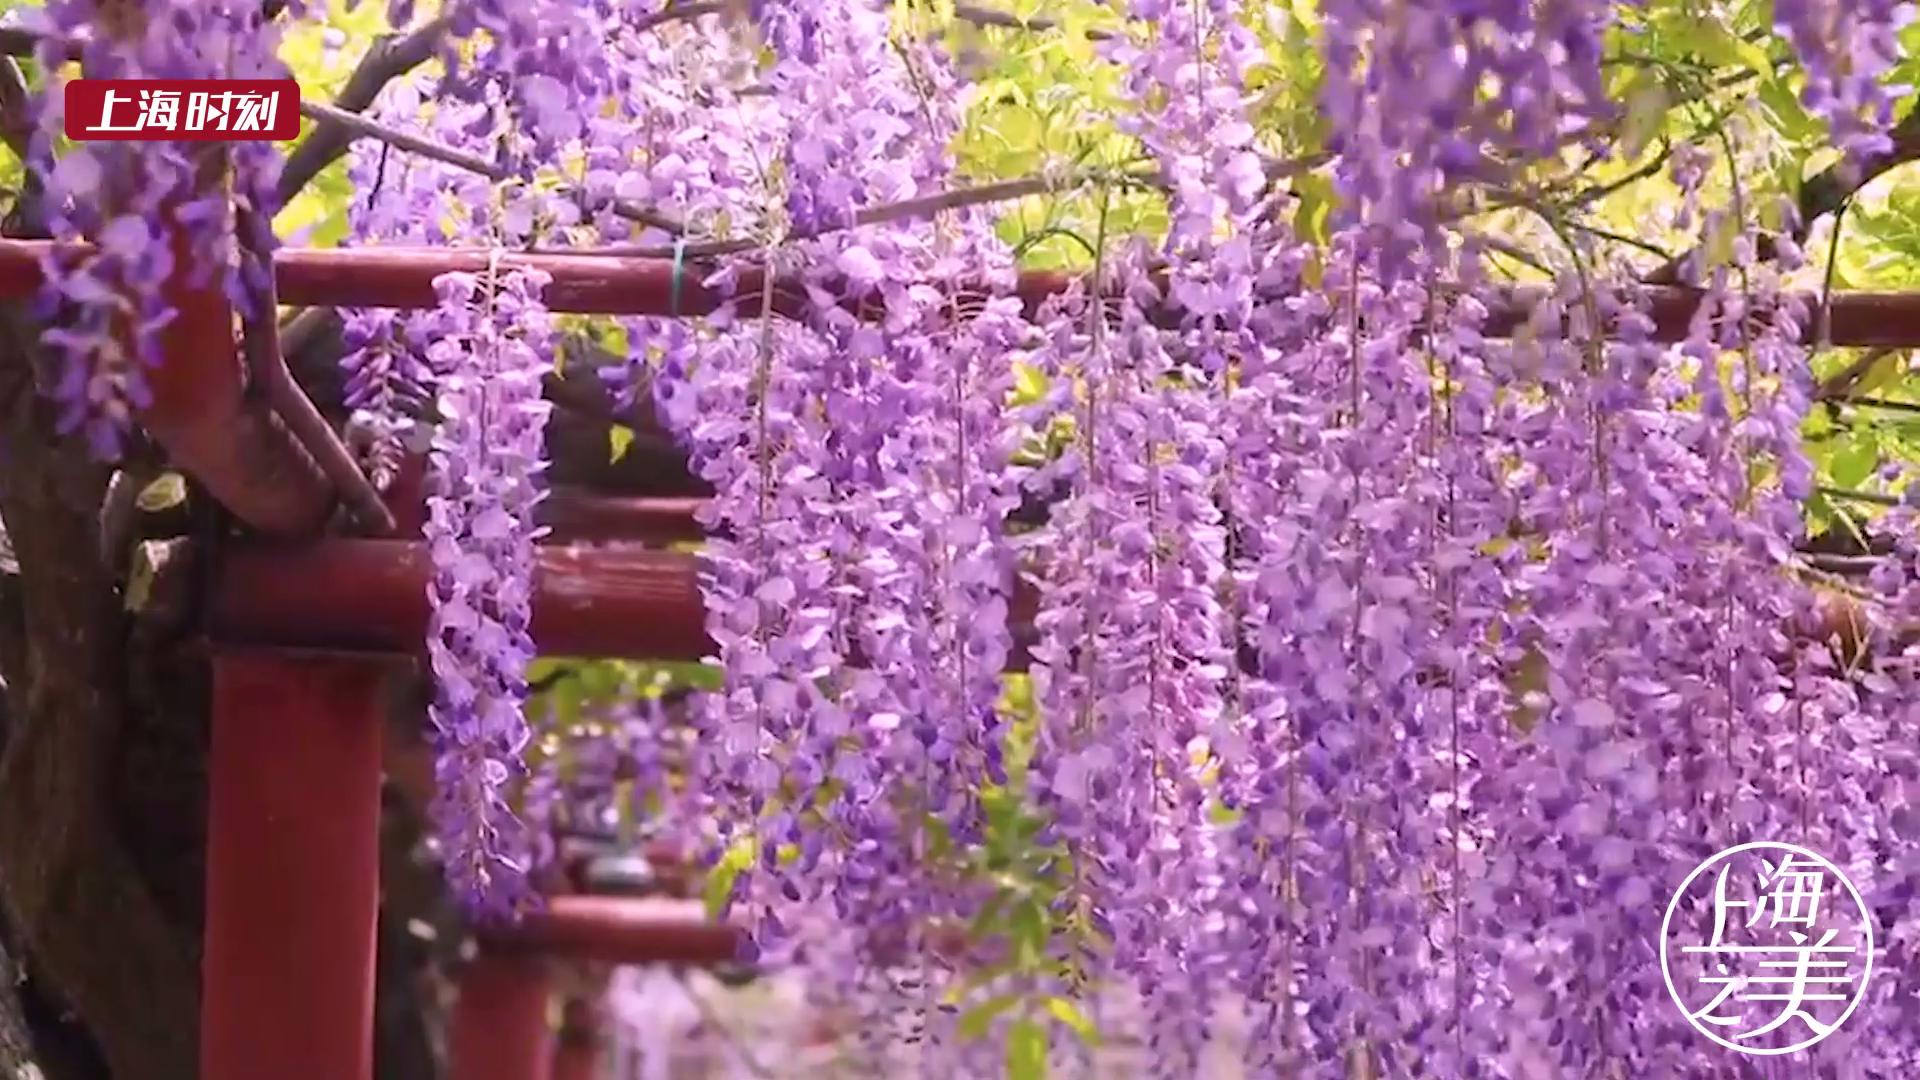 视频 | 嘉定紫藤花开 去拍美美的照片吧!